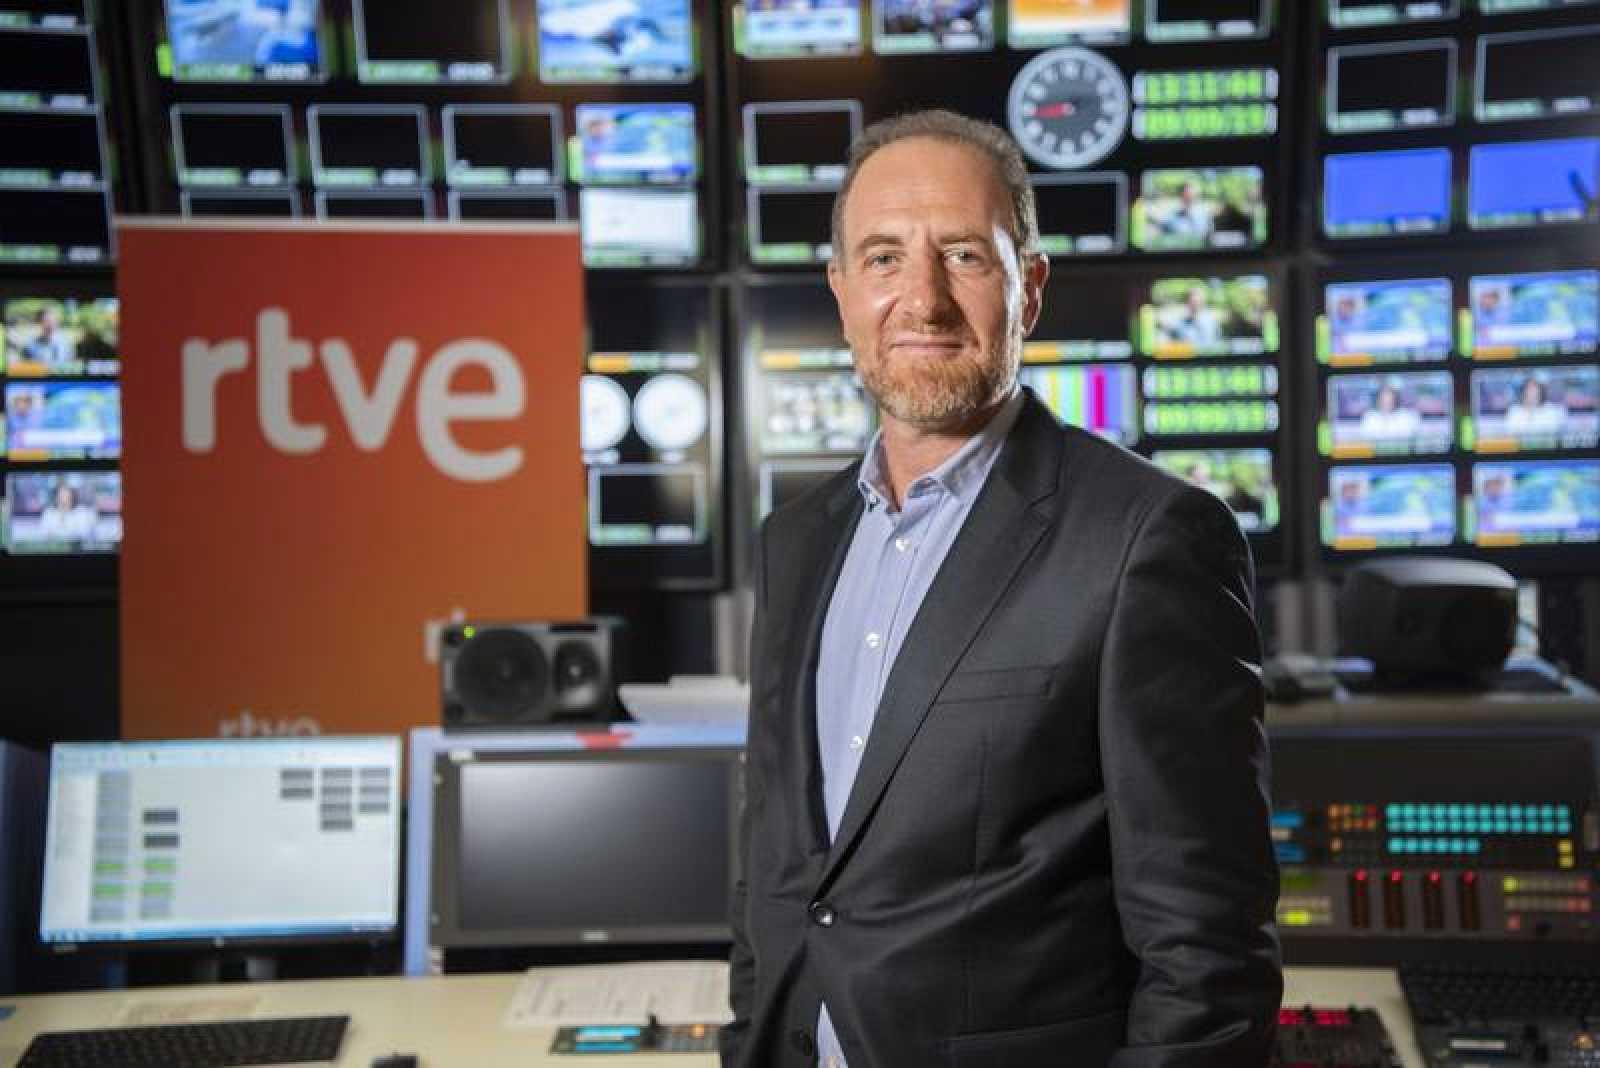 El jefe de informativos y actualidad de RTVE, Enric Hernández | RTVE/Archivo